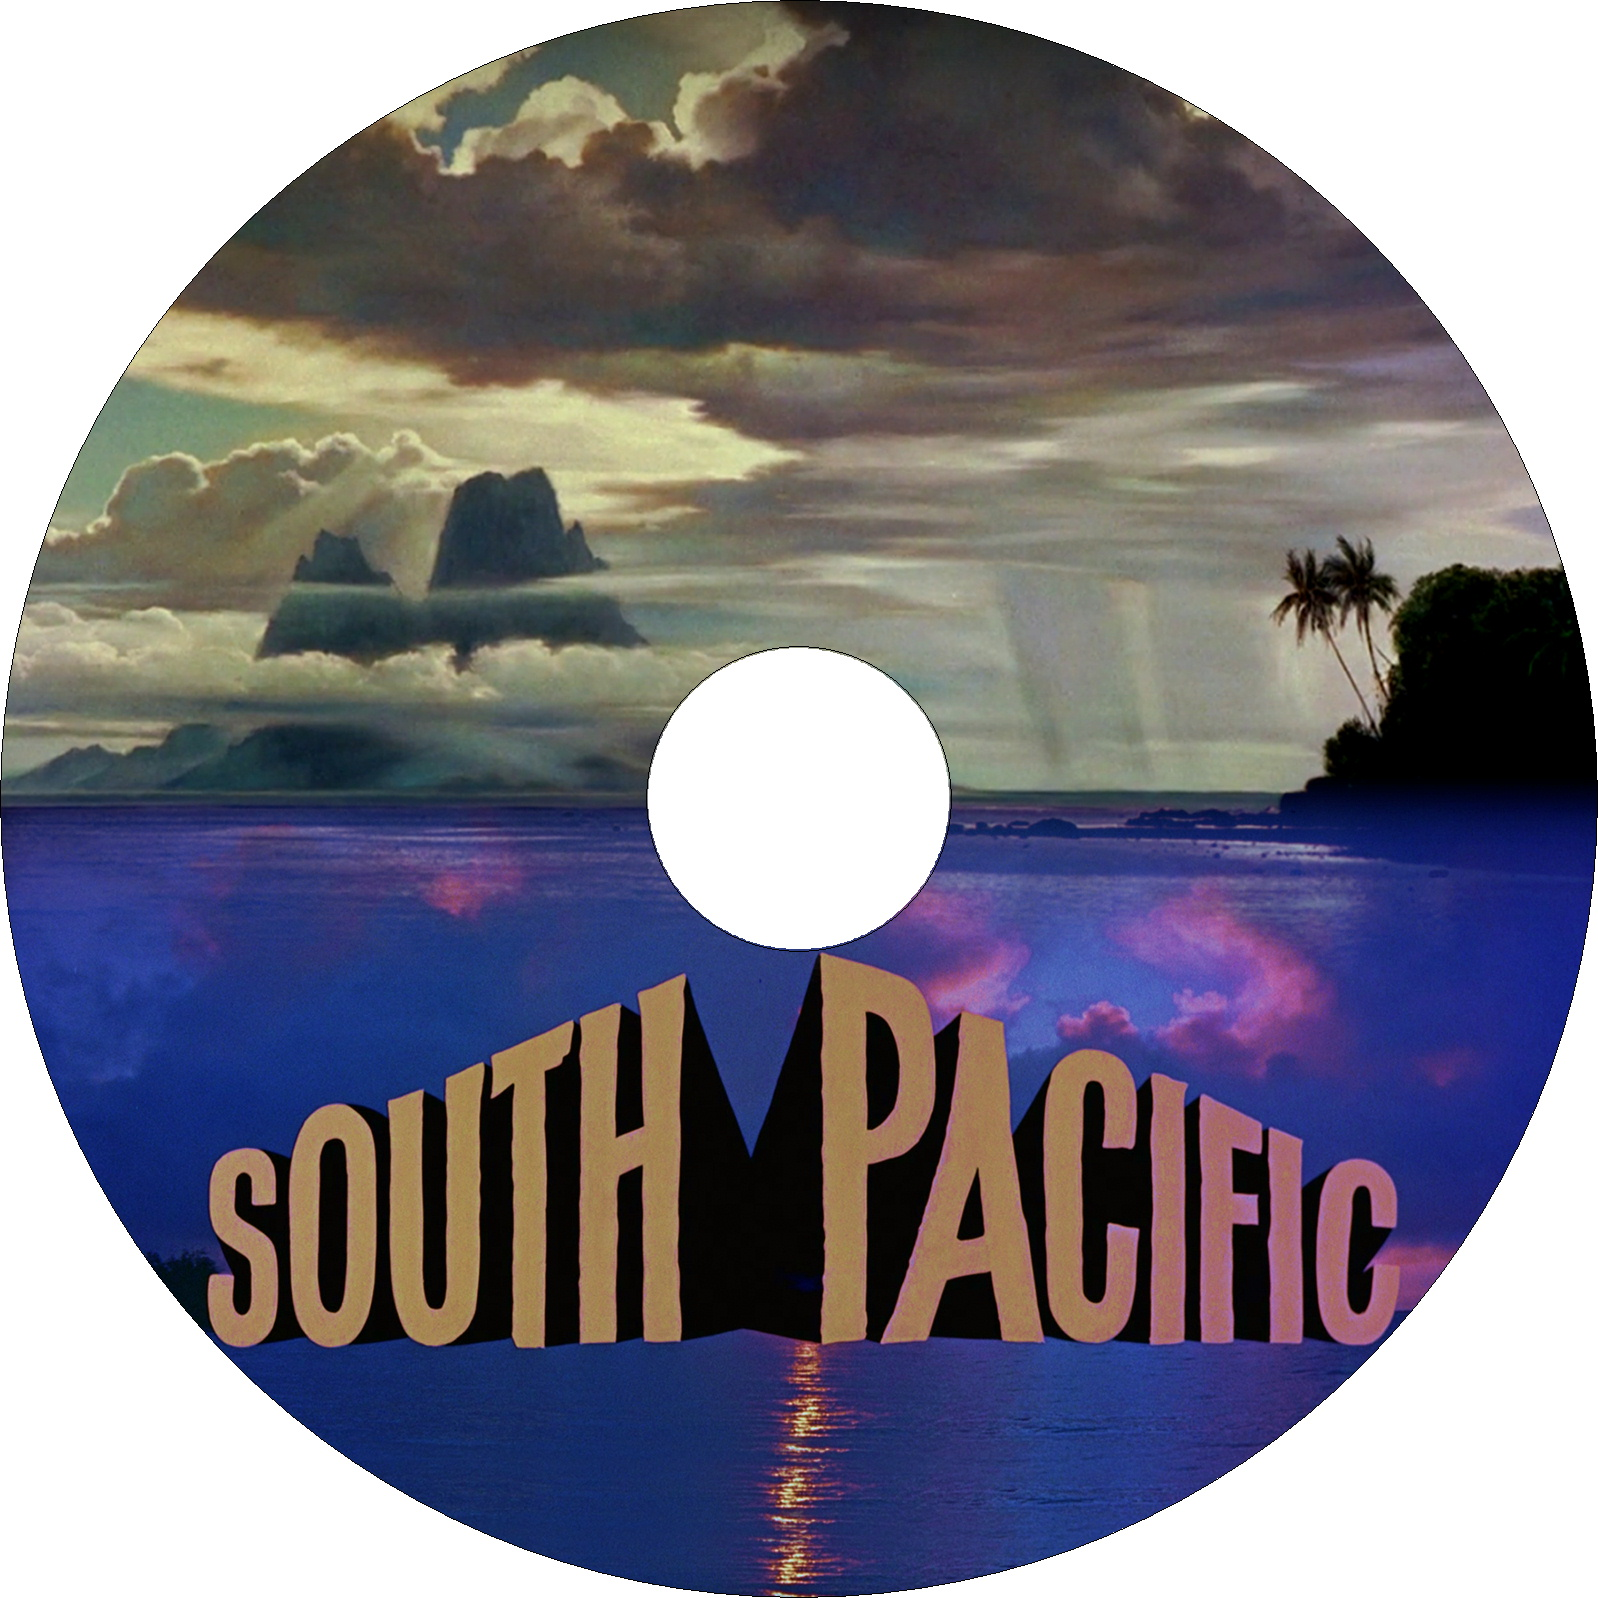 南太平洋 ラベル